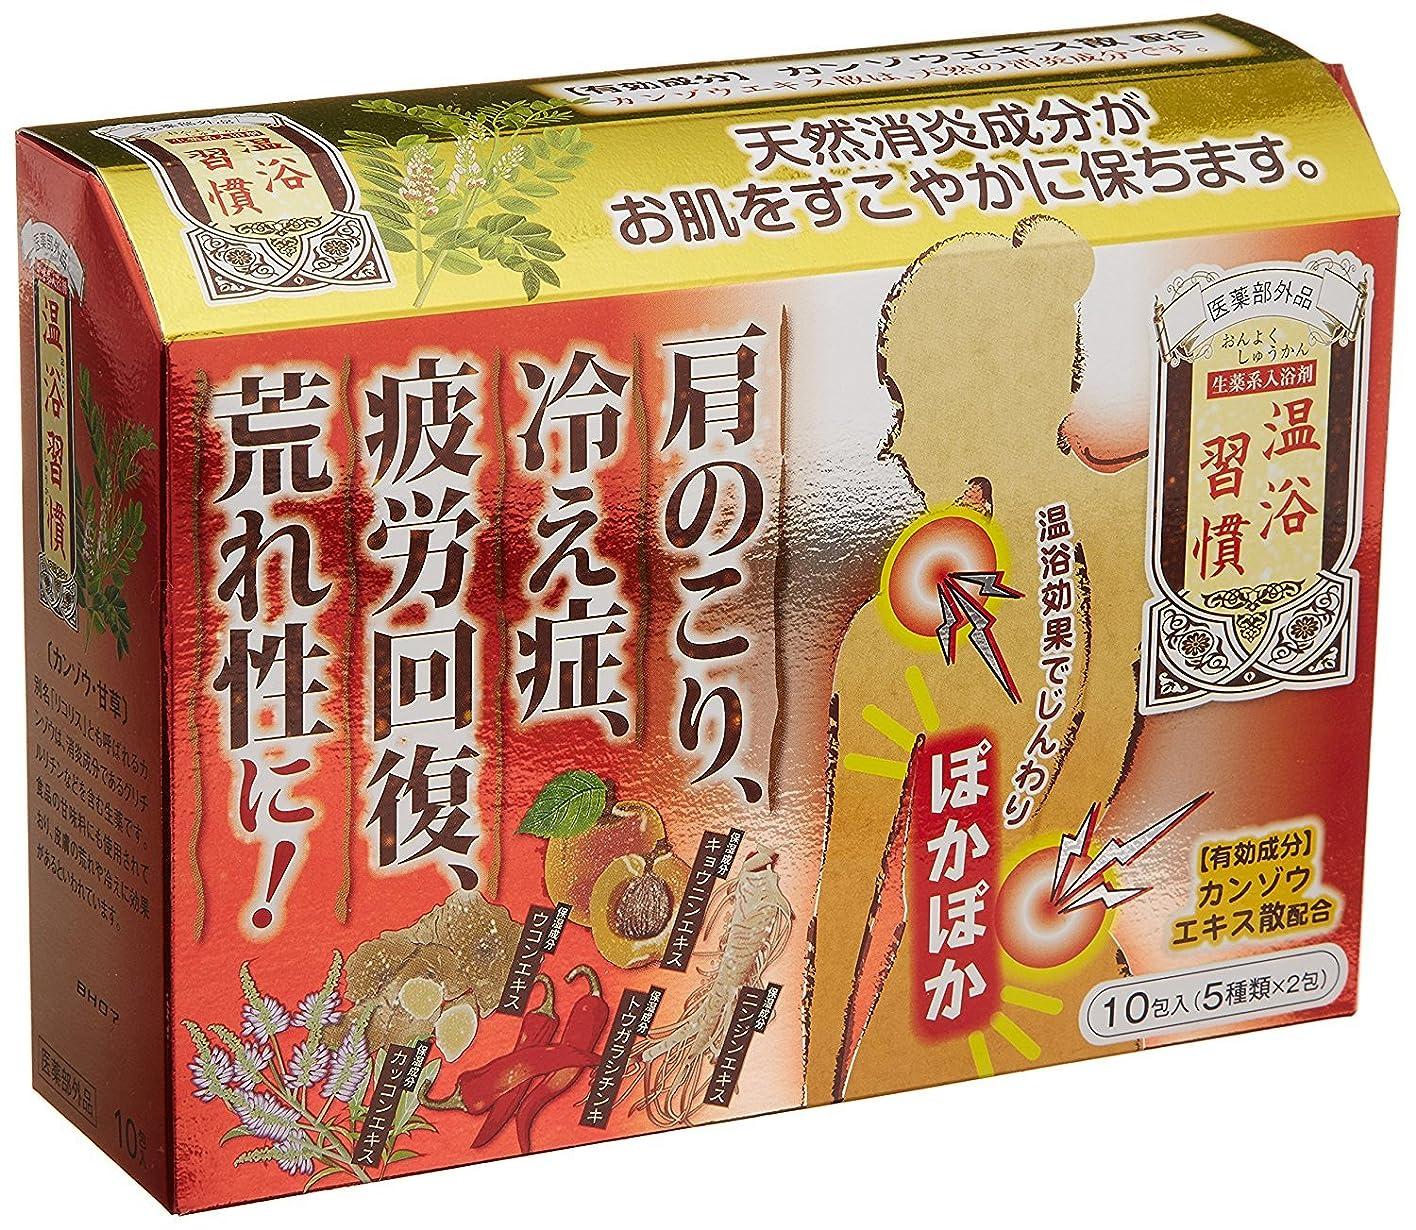 対応酸っぱいトレーニング薬用入浴剤 温浴習慣 10包入 30g×10包 (医薬部外品) 【4点セット】